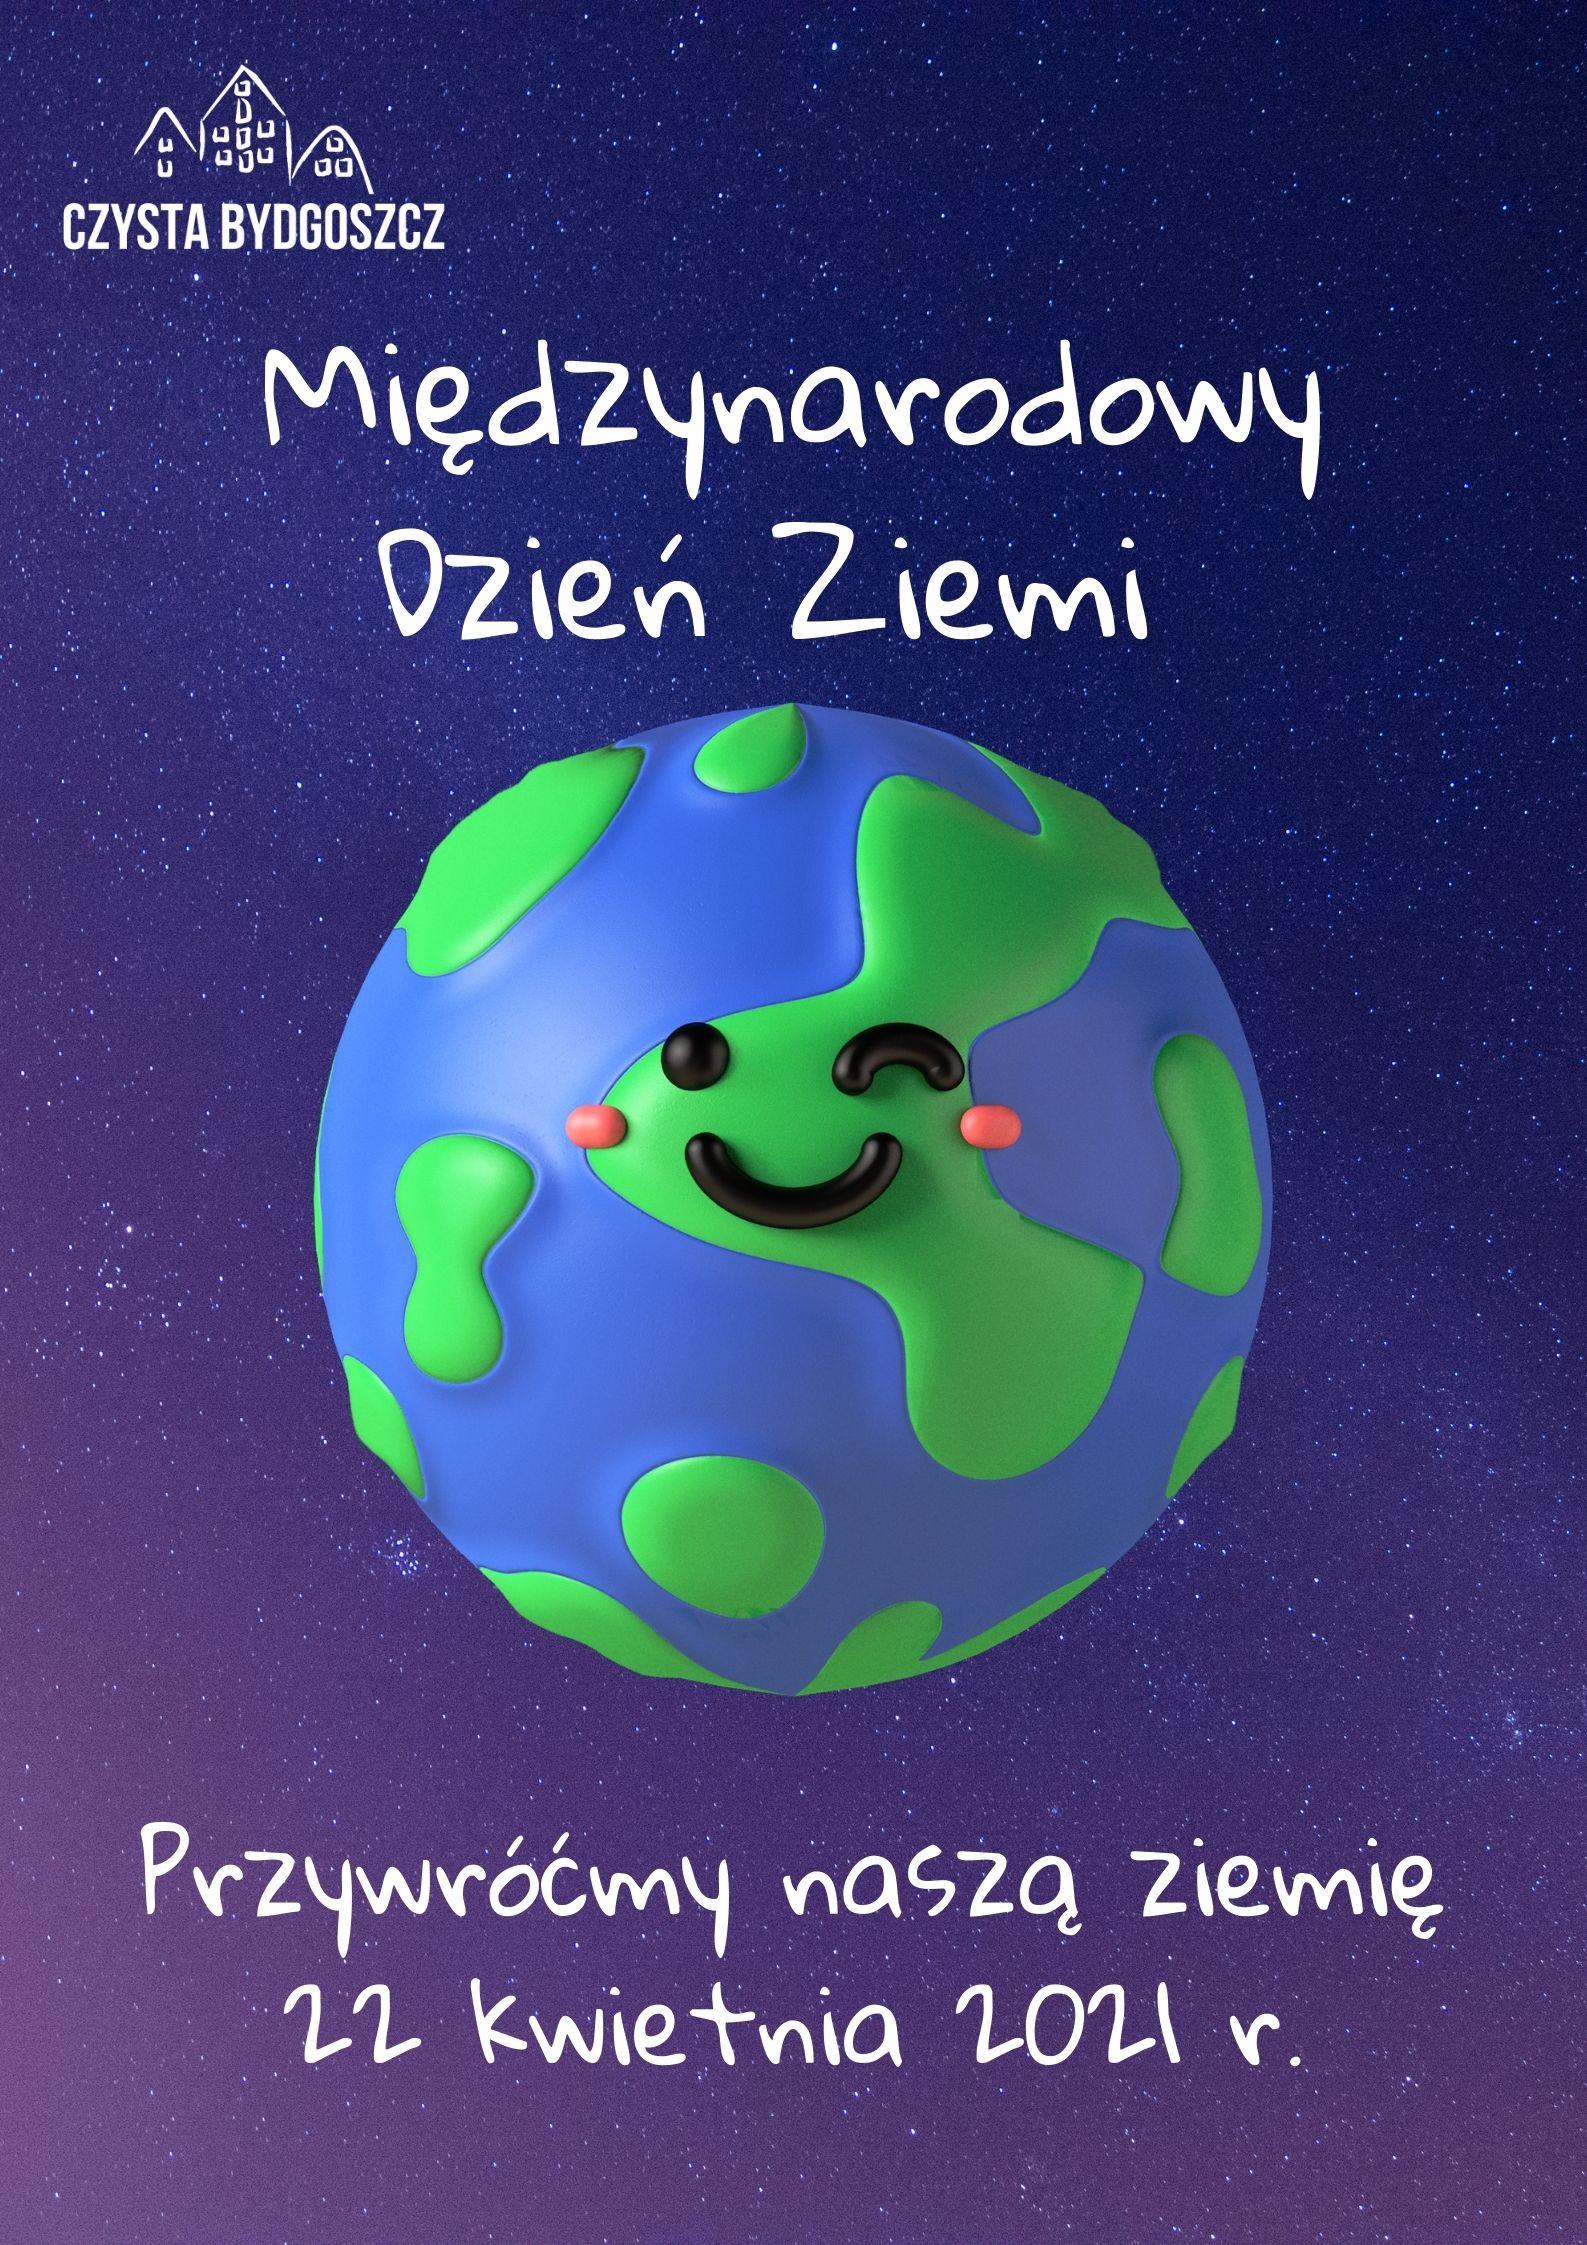 Międzynarodowy Dzień Ziemi 2021 - Czysta Bydgoszcz - odpady komunalne,  czystość, zieleń, energia